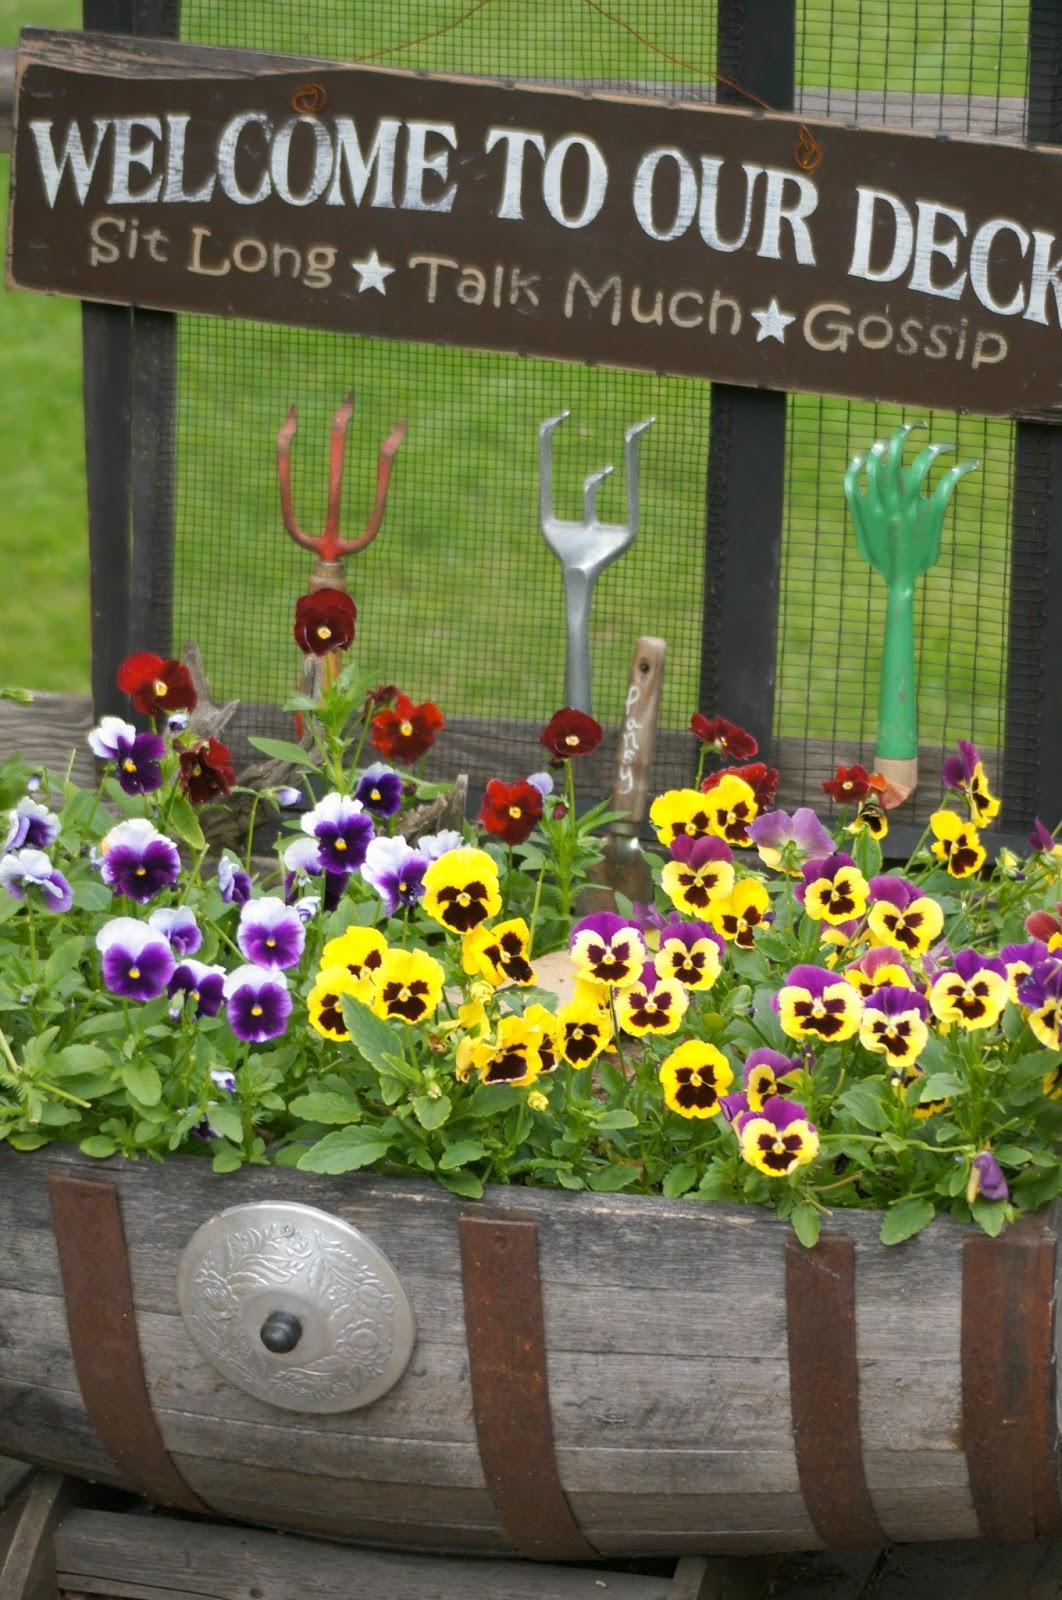 Pansies and Garden Scratchers on the Deck www.organizedclutterqueen.blogspot.com